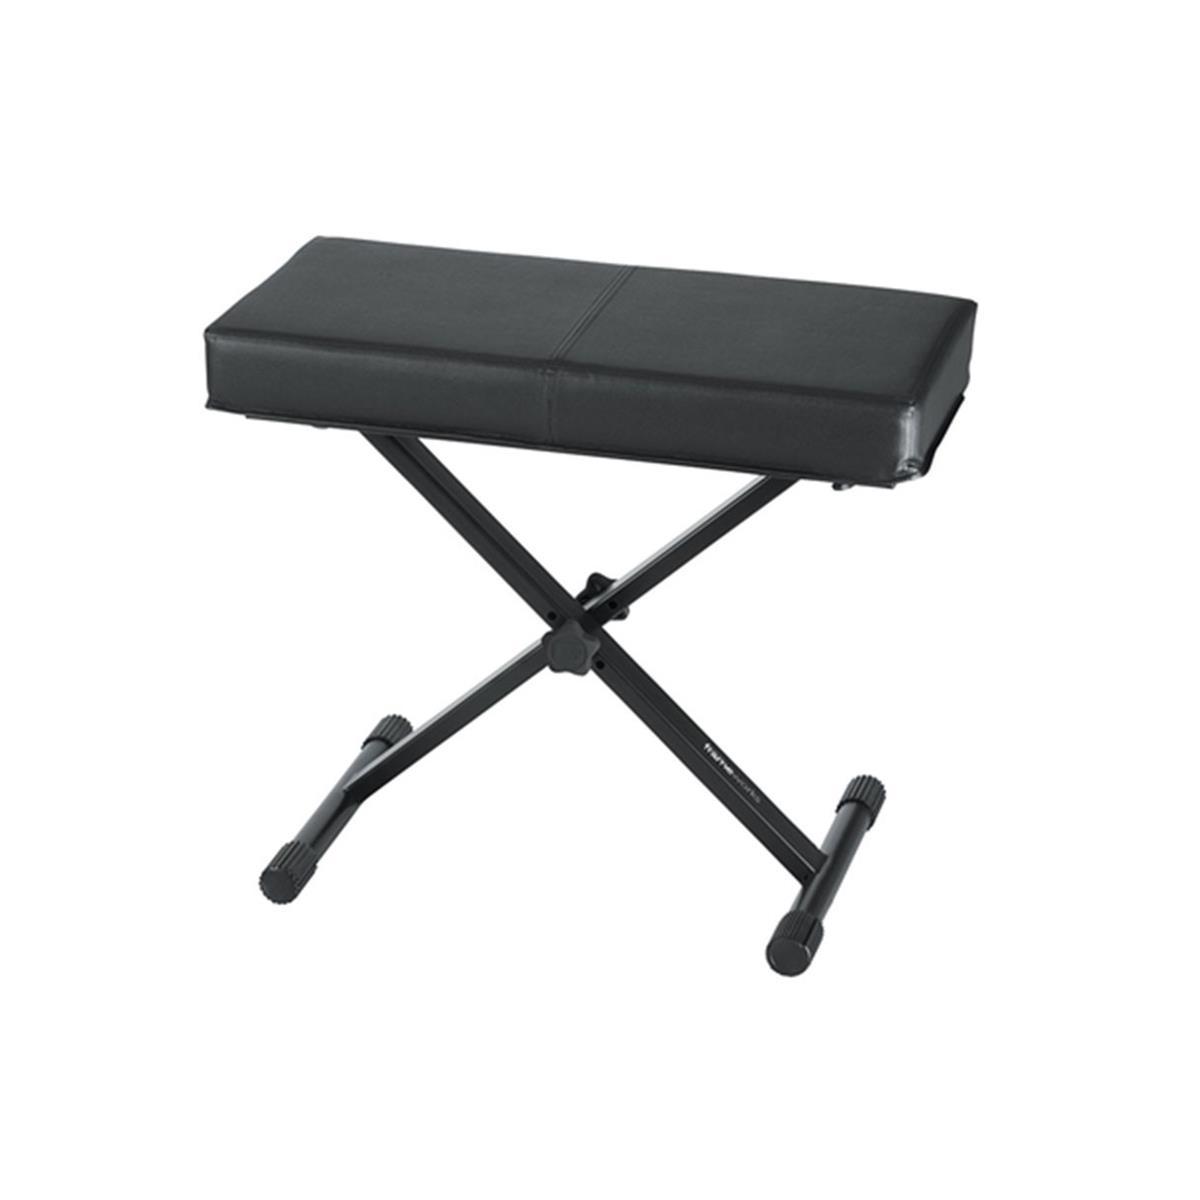 Gator GFW-KEY-BENCH-1 - panca per tastiera - nero - Tastiere Accessori - Sgabelli e Panche